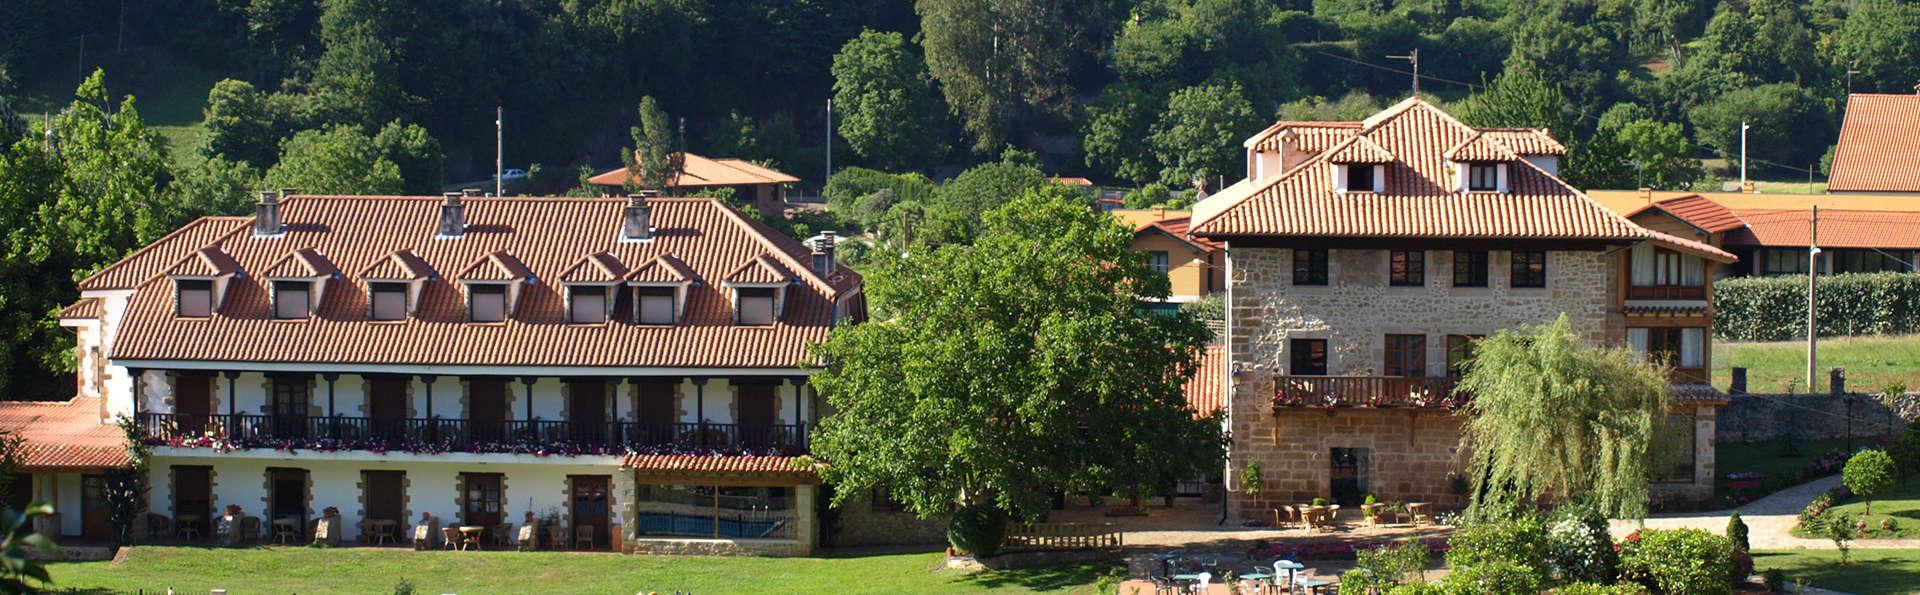 Hostería Spa El Pomar - edit_facade3.jpg